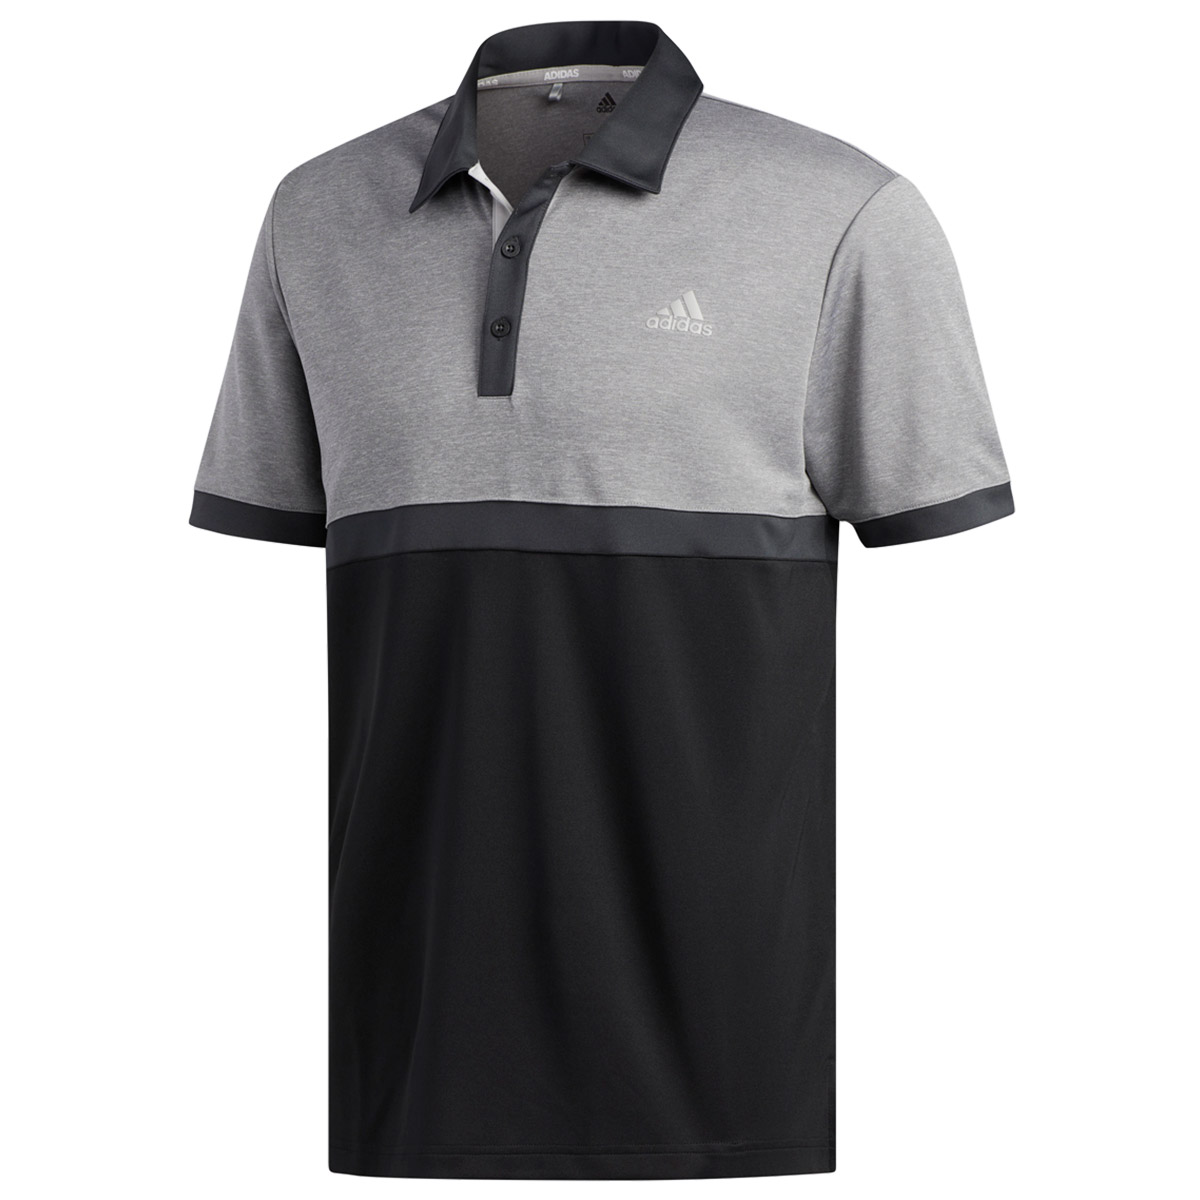 fcc6aebb24333 adidas Golf Advantage Heather Block Polo Shirt from american golf